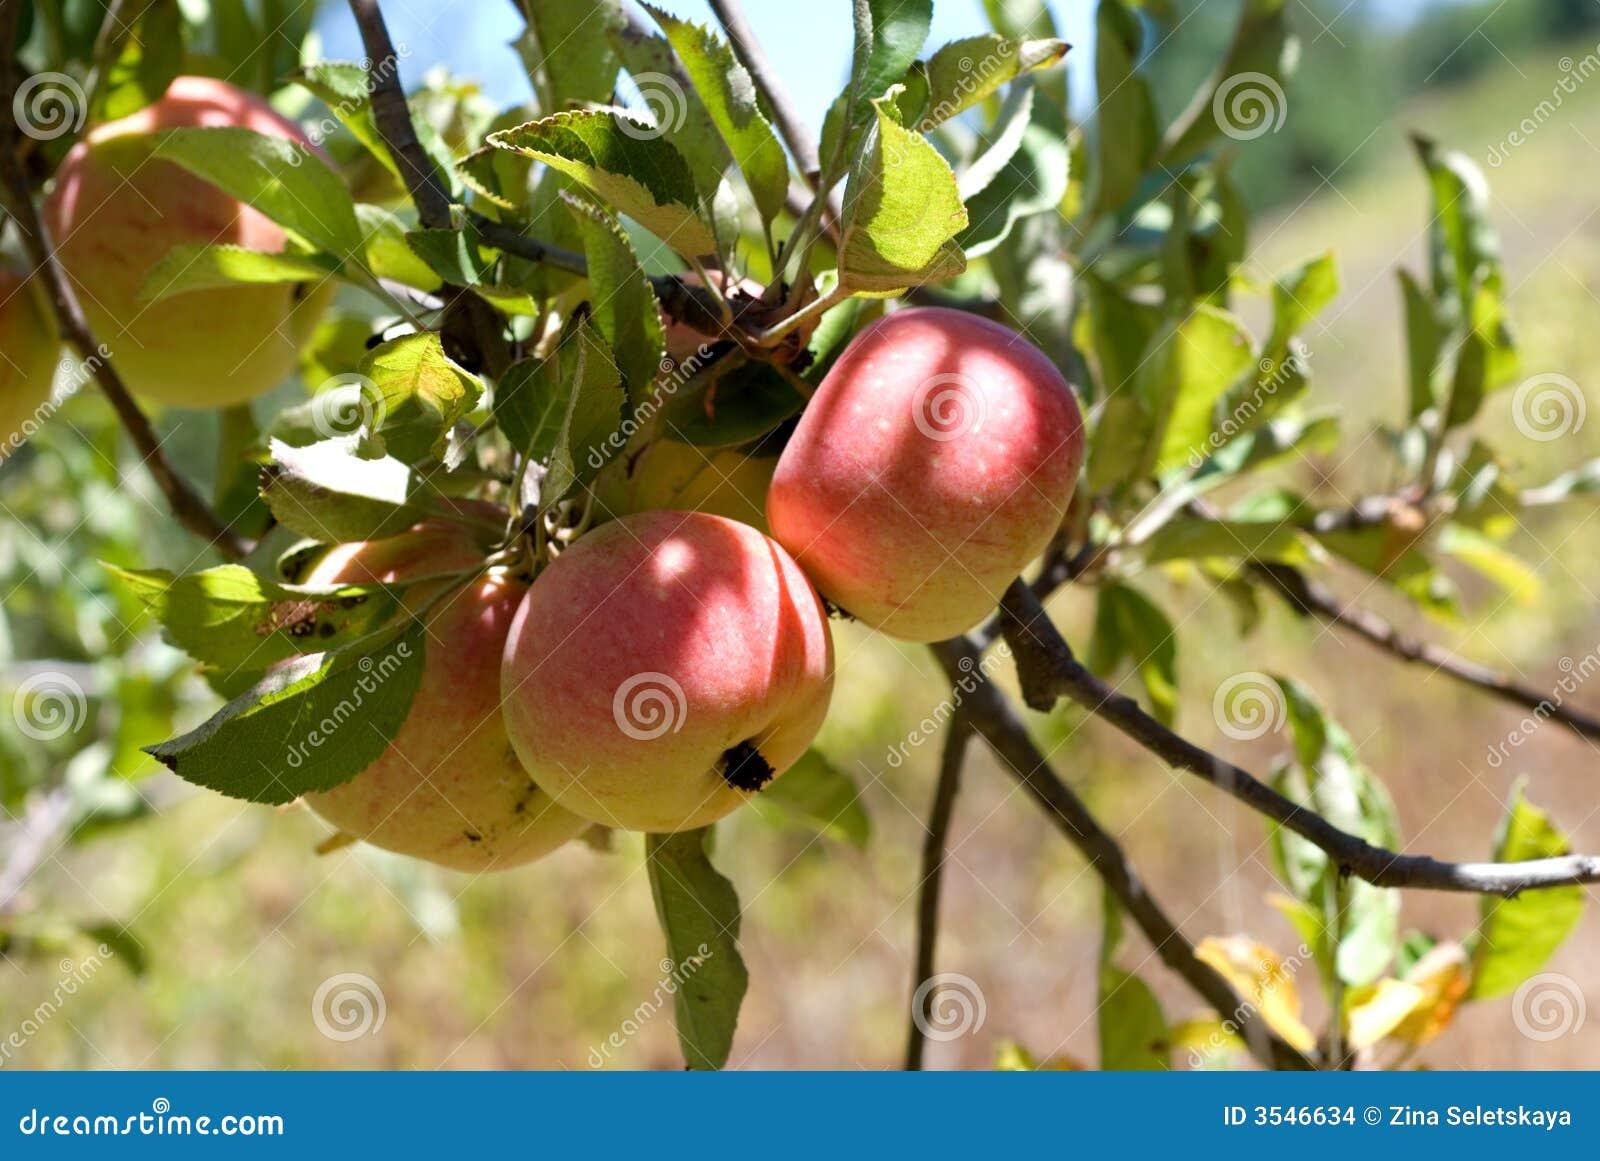 Appelen op de boom